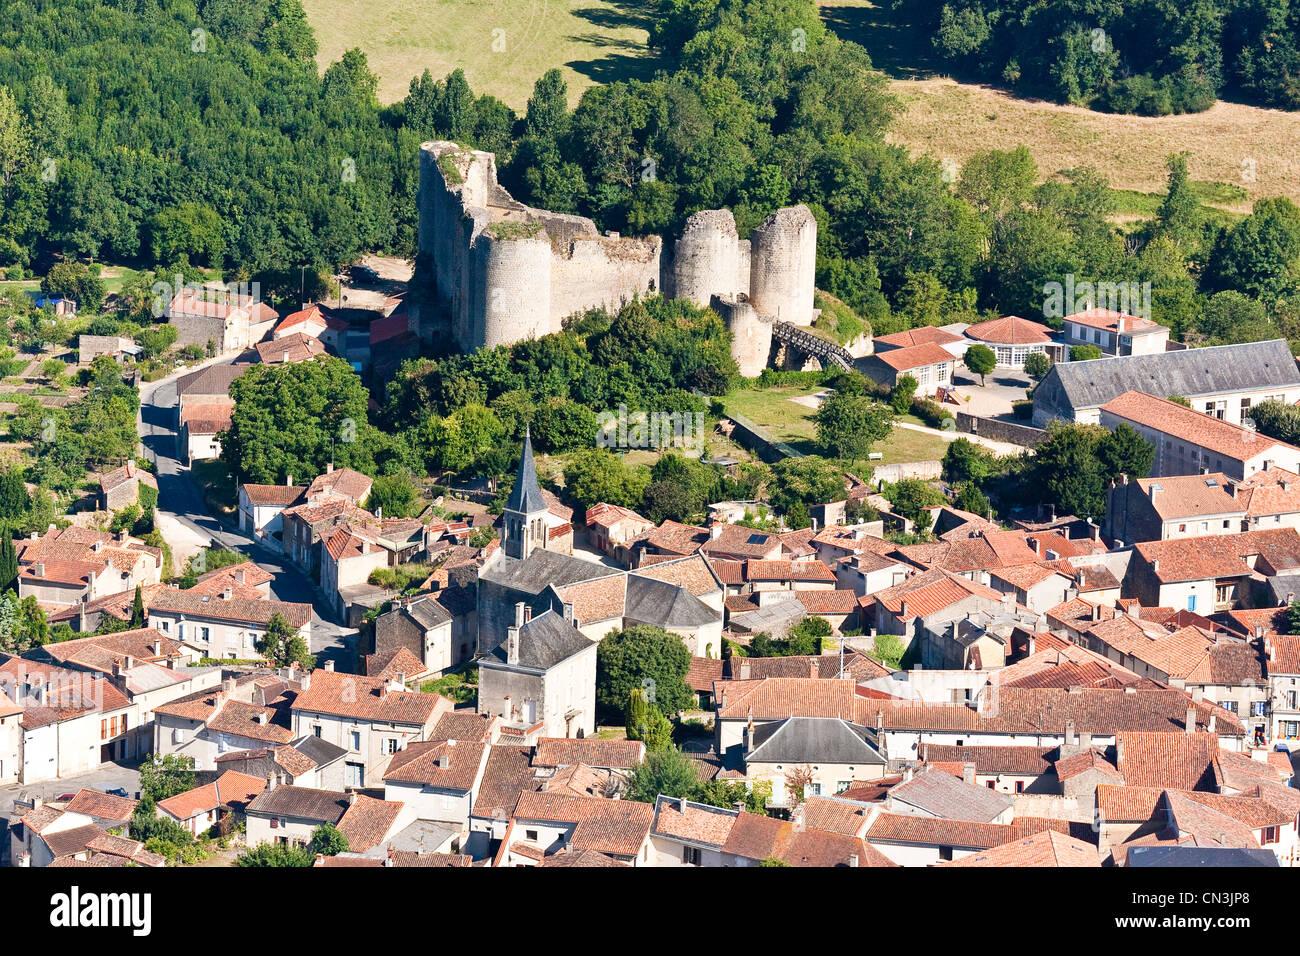 Frankreich, Vienne, Gencay, Gencay Schloss ist ein schönes Beispiel mittelalterlicher Architektur (Luftbild) Stockbild